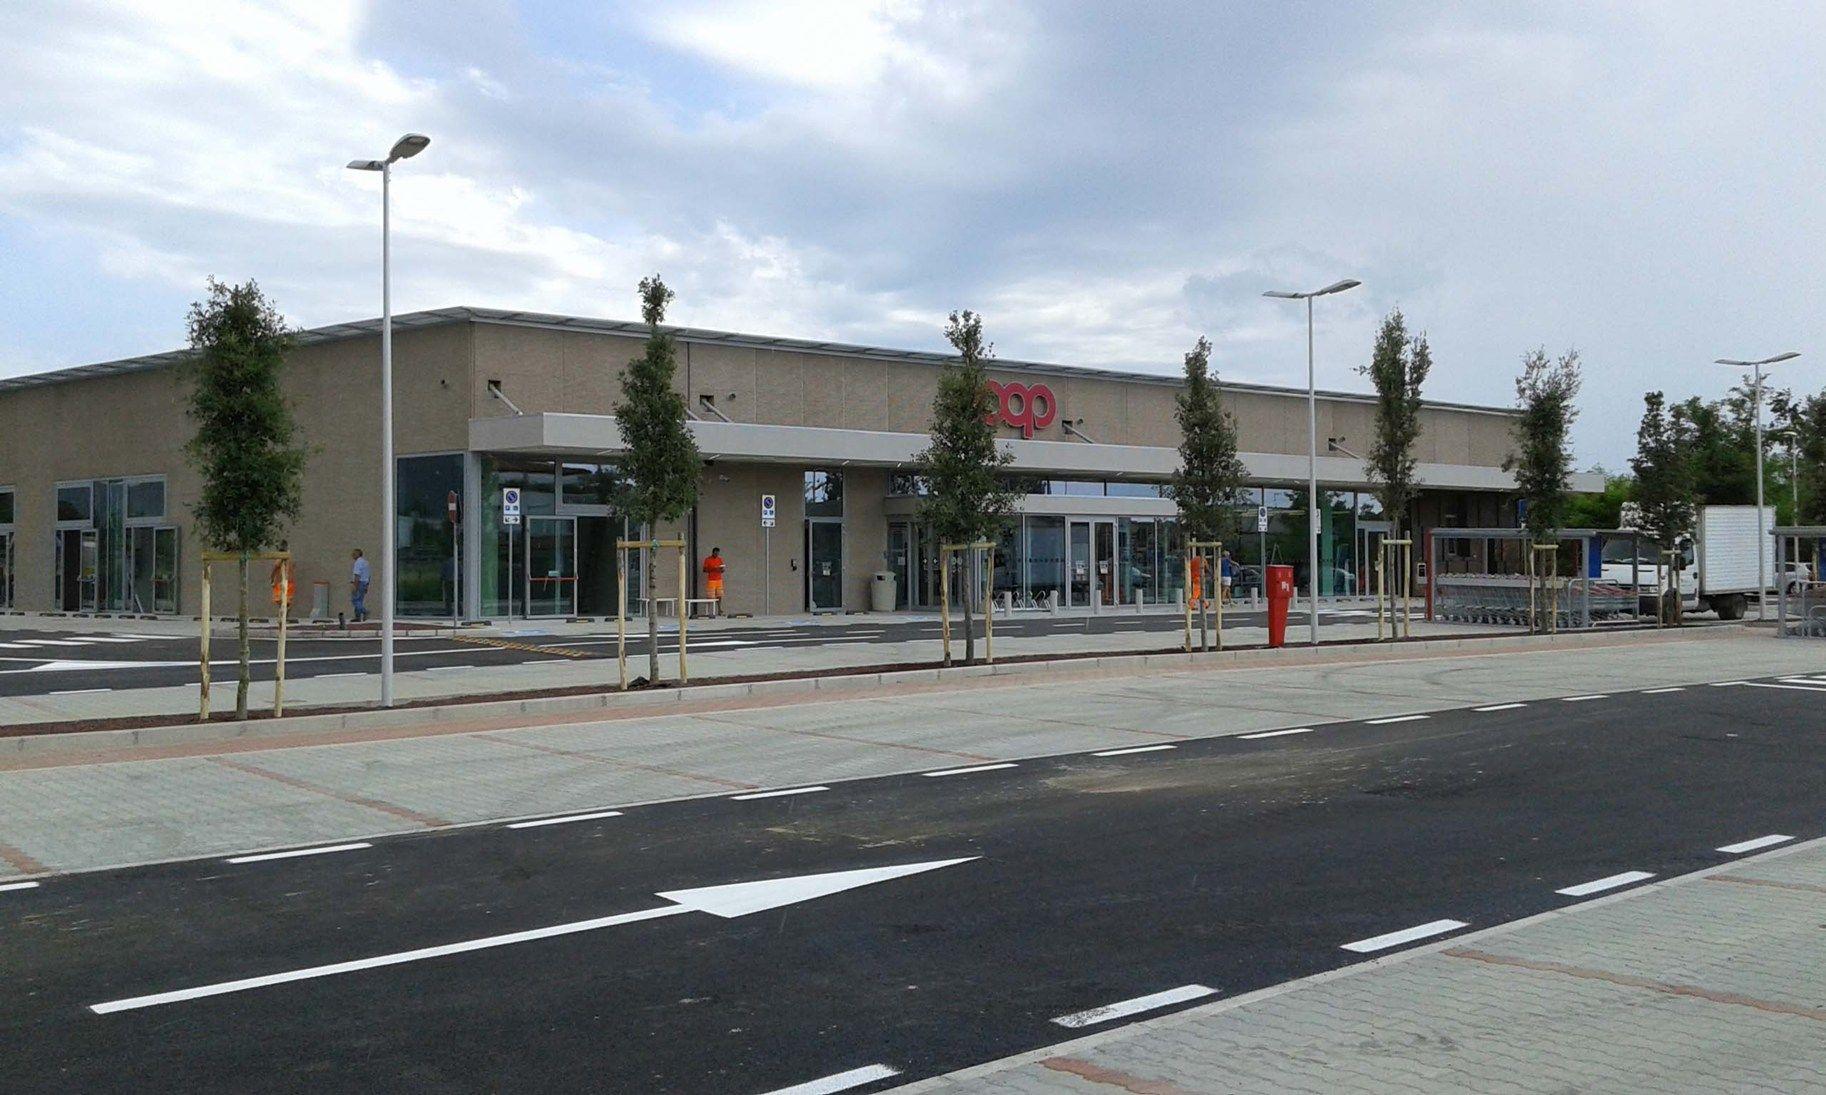 Lecablocco tagliafuoco per un supermercato in Versilia